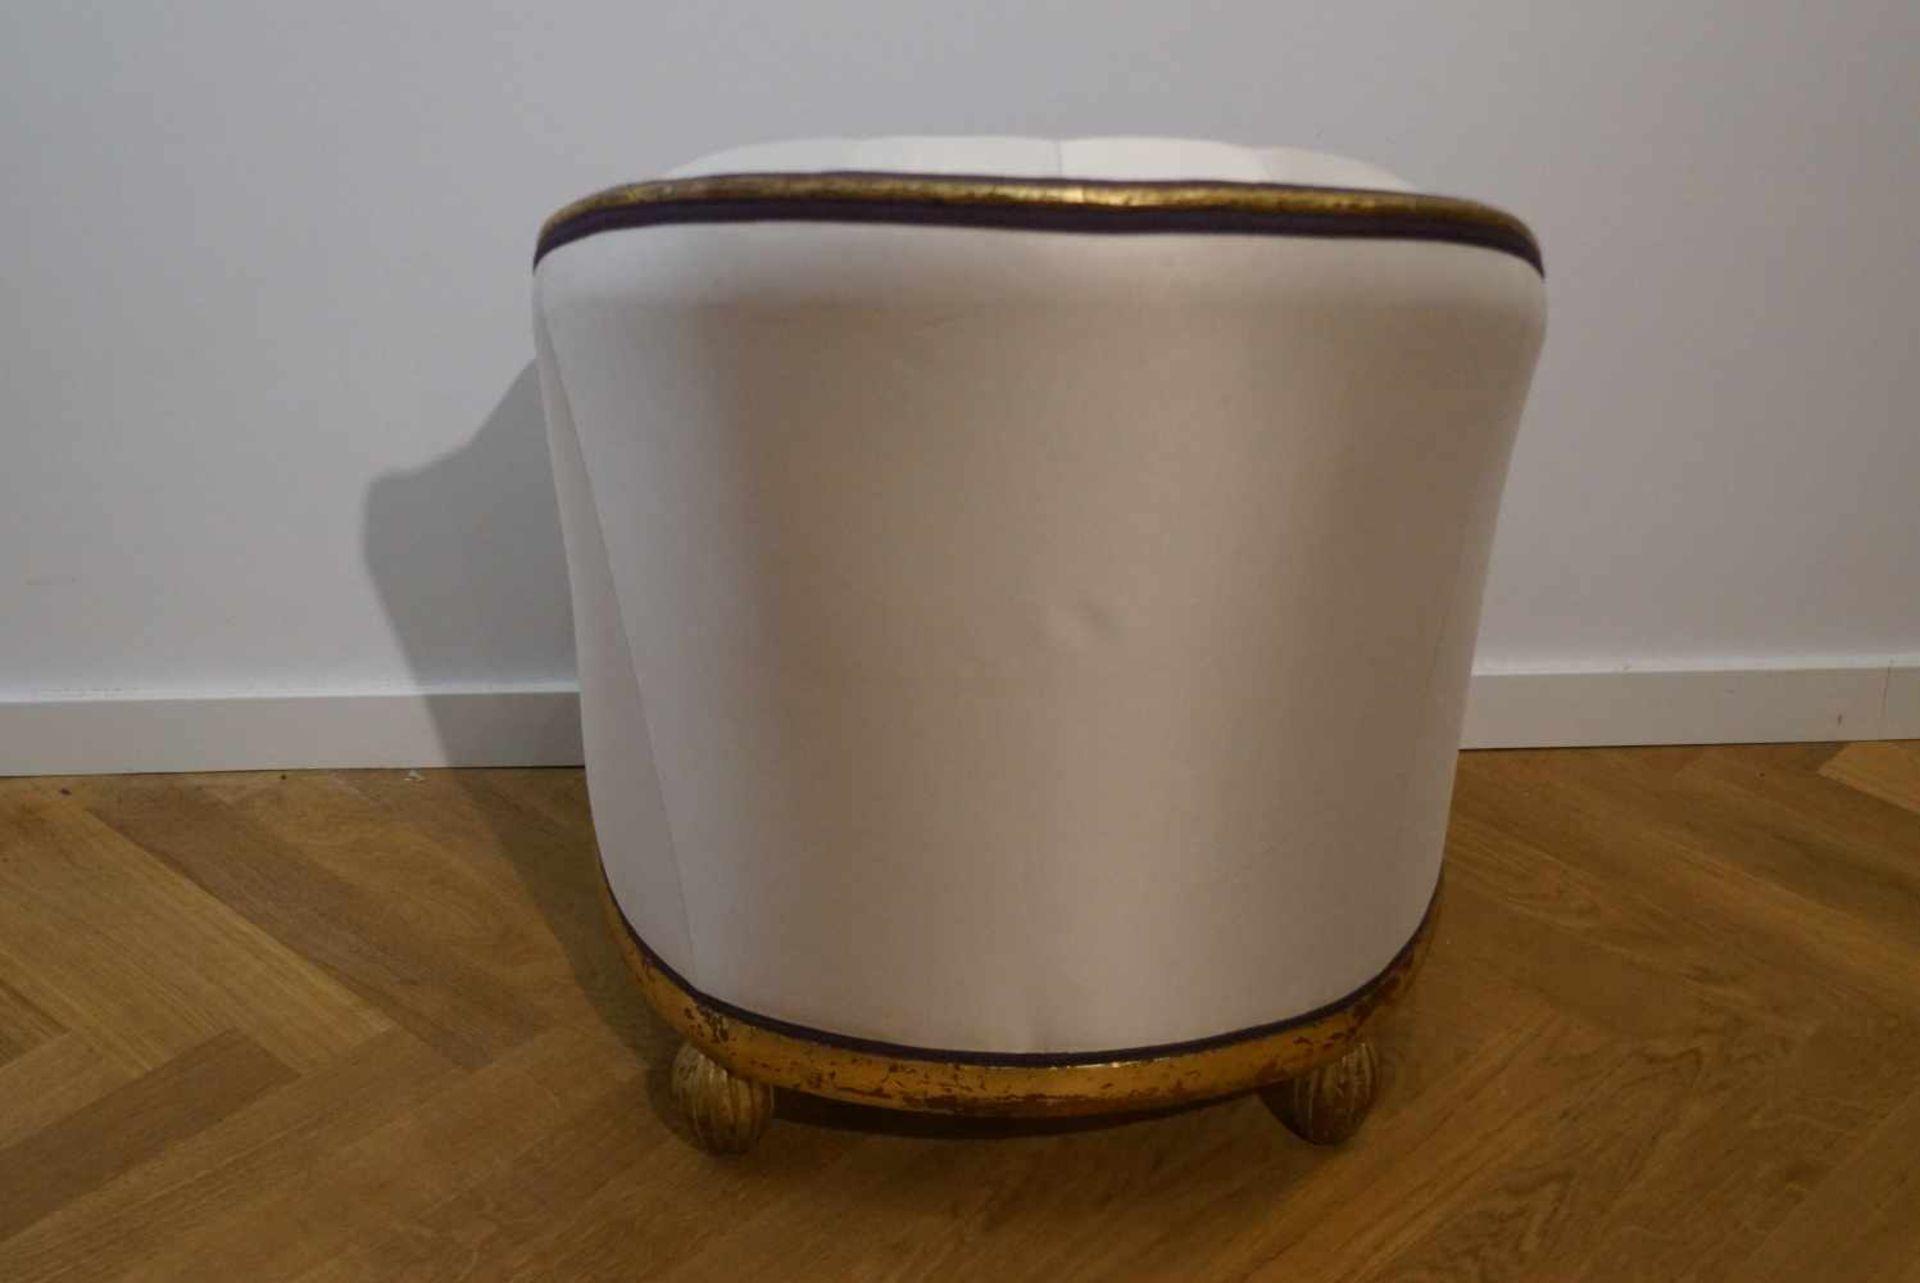 Bergère, Art-Deco20er Jahre, Höhe 84 cm x Breite 61 cm x Tiefe 78 cm, in einem guten Zustand - Bild 3 aus 4